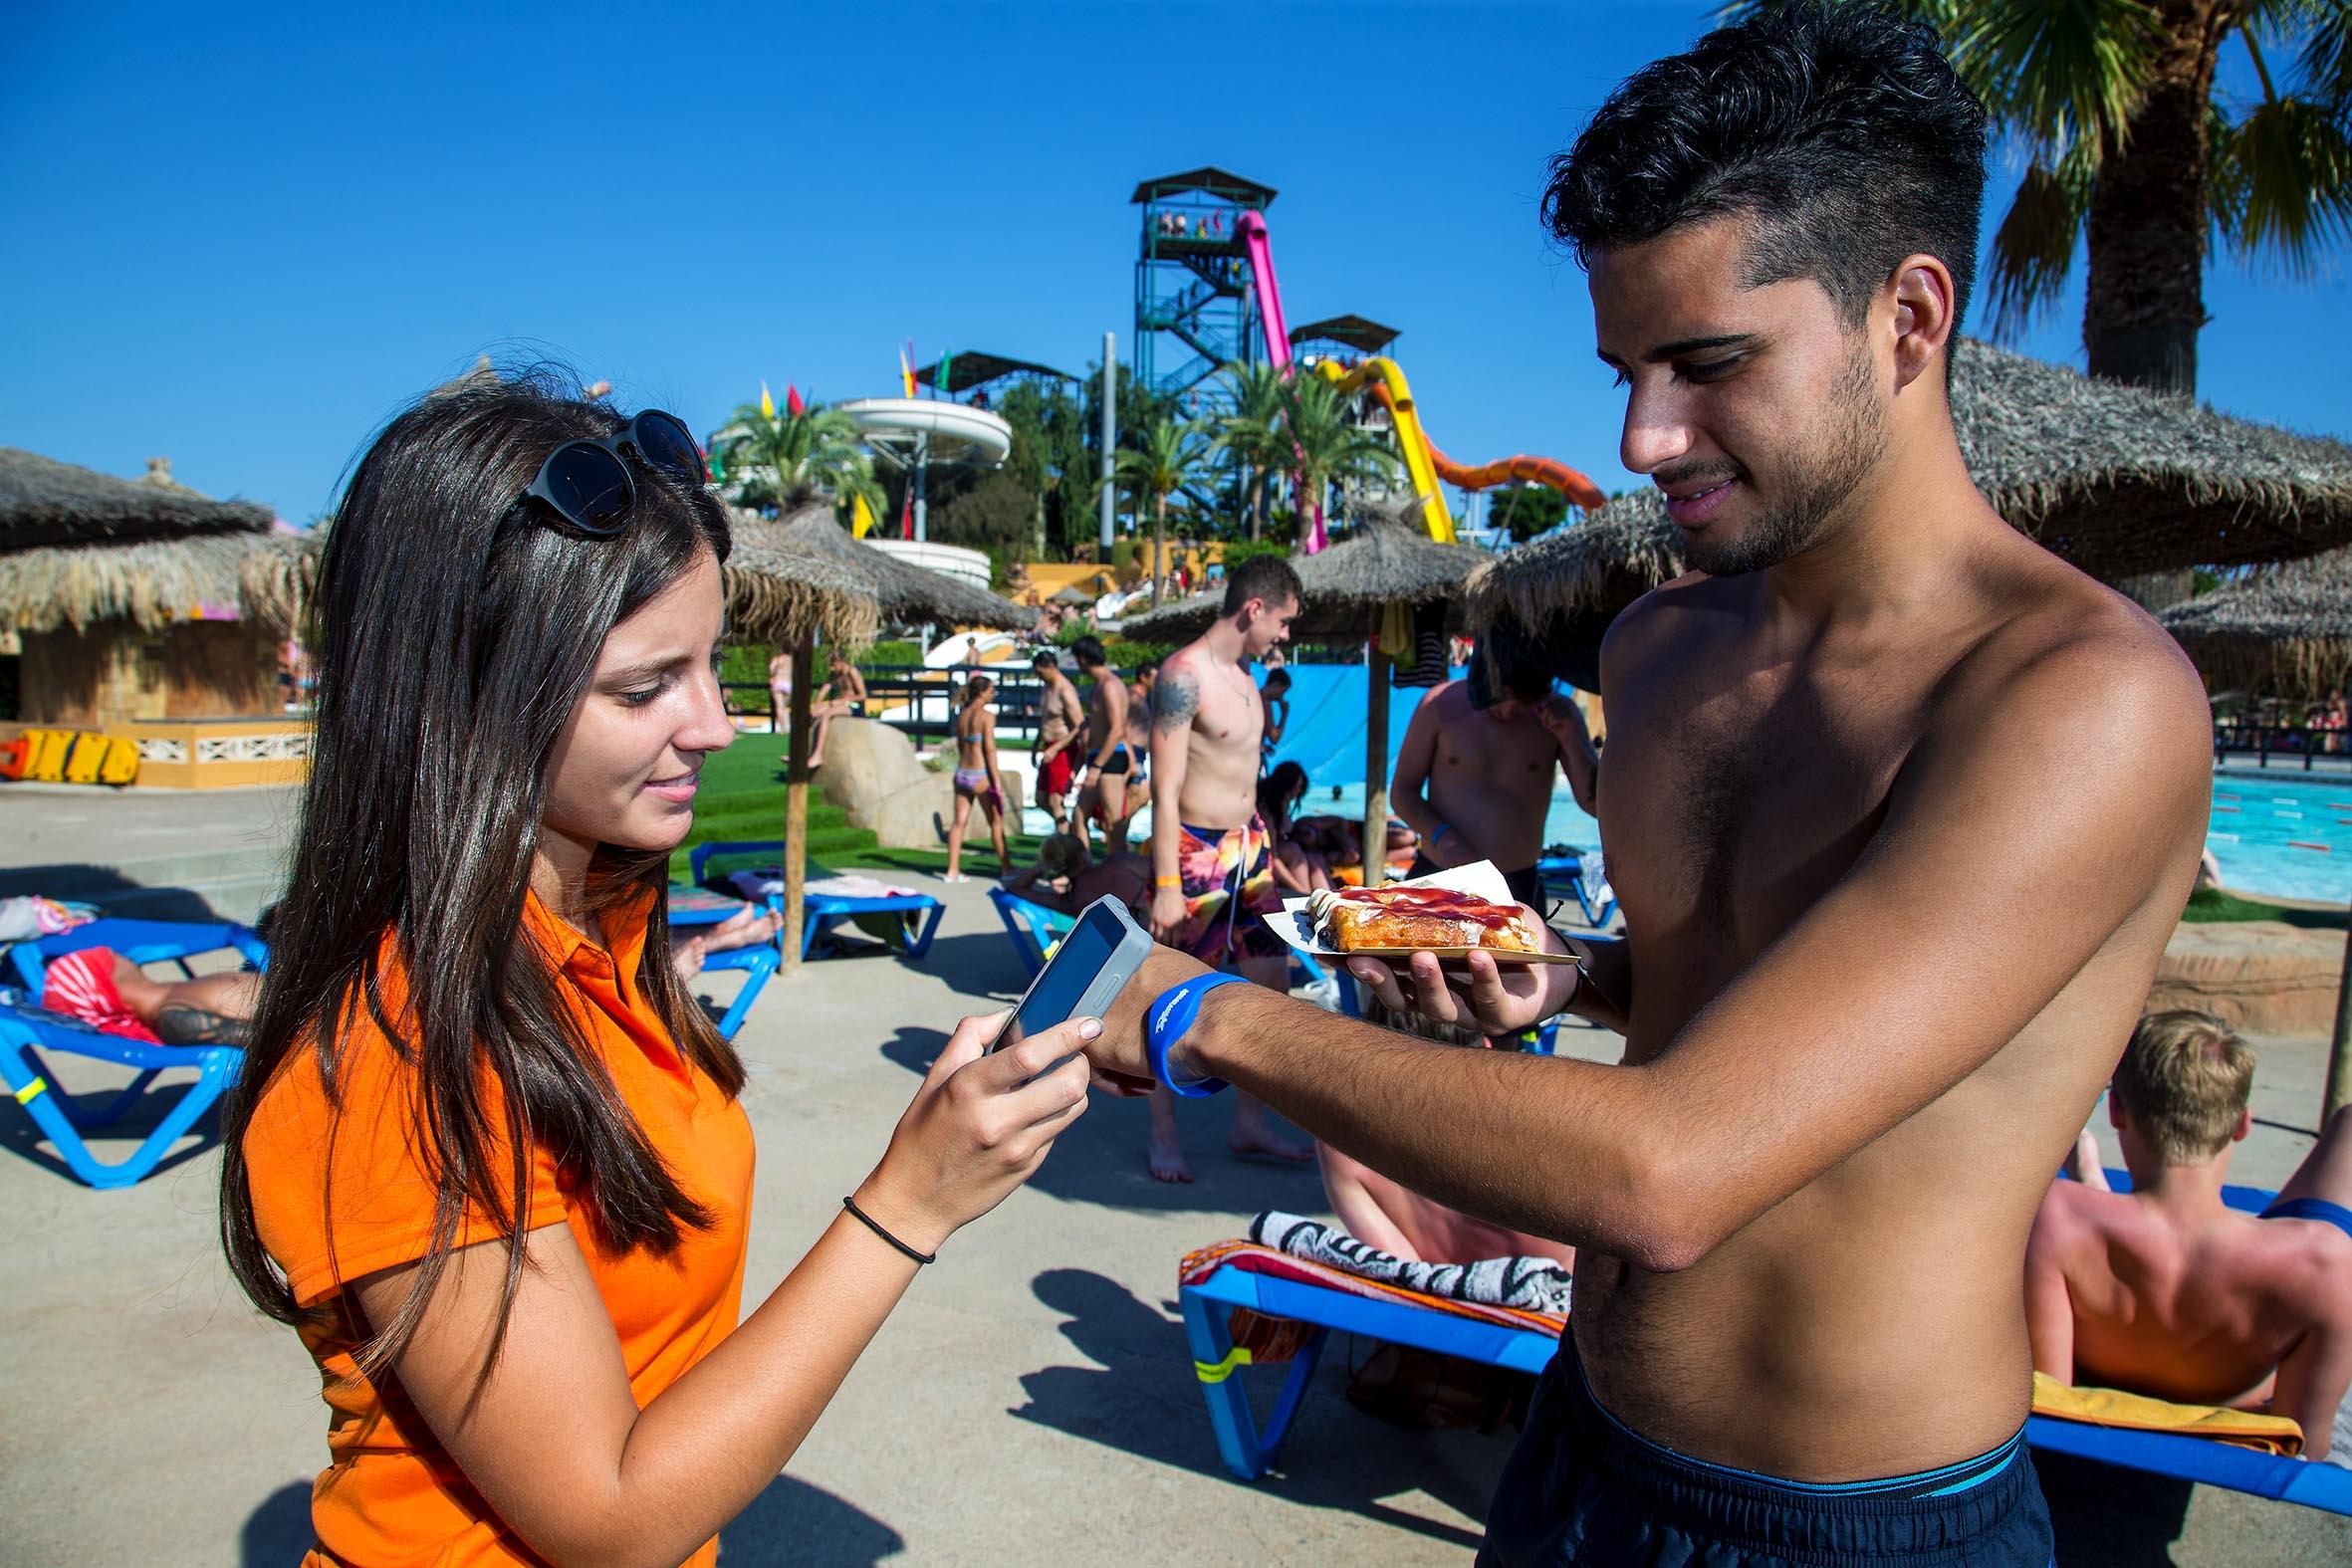 Experiencia cashless en Aquarama: disfruta del parque acuático sin llevar dinero encima